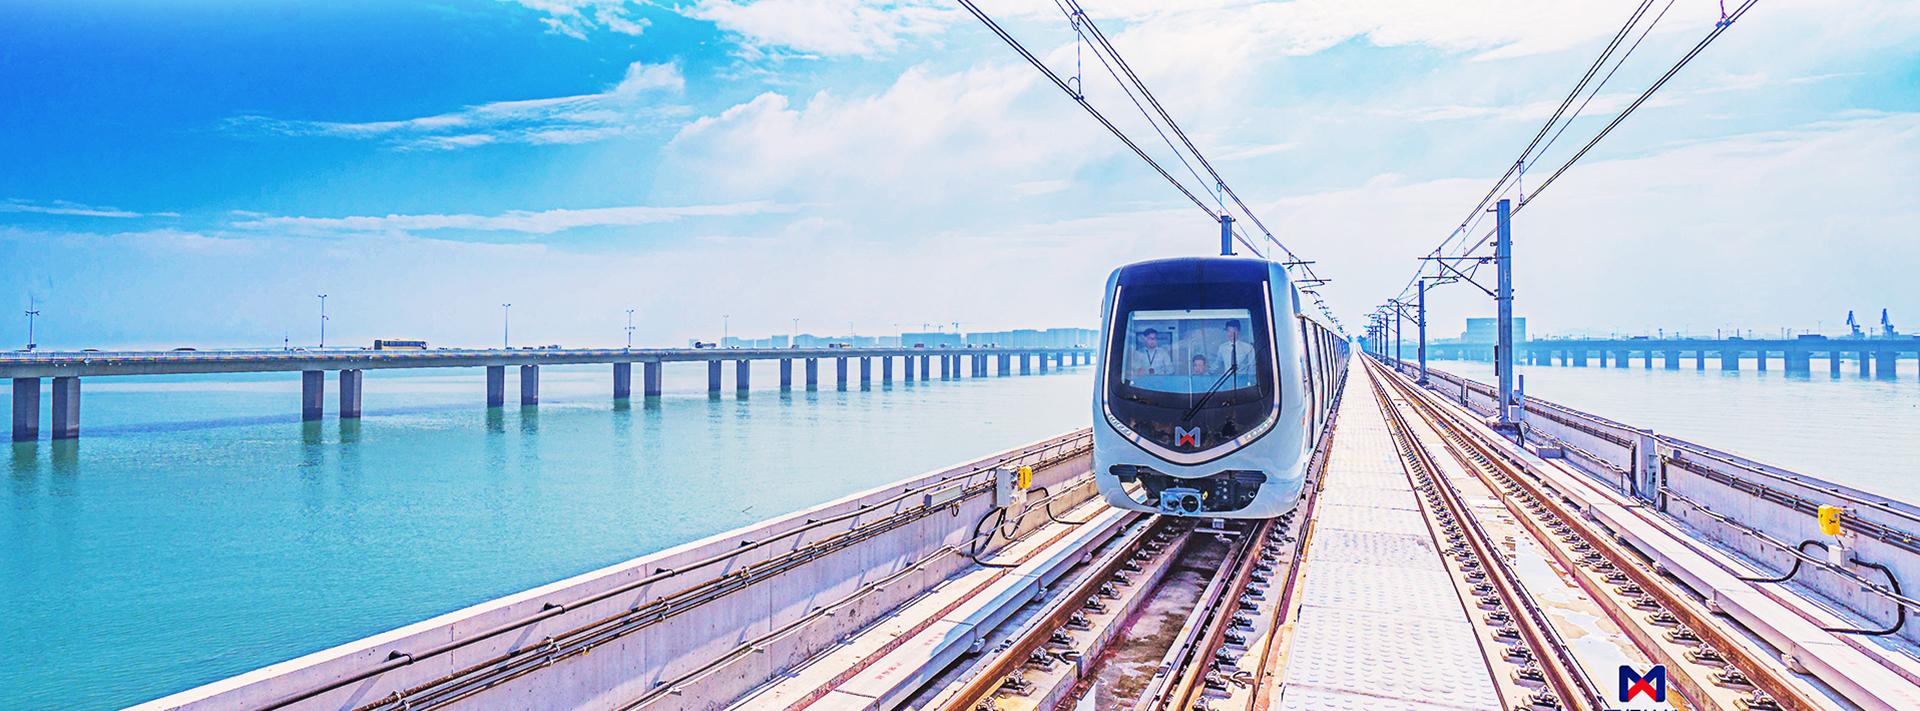 科技赋能地铁建设:厦门轨道集团获两项市科学技术进步奖